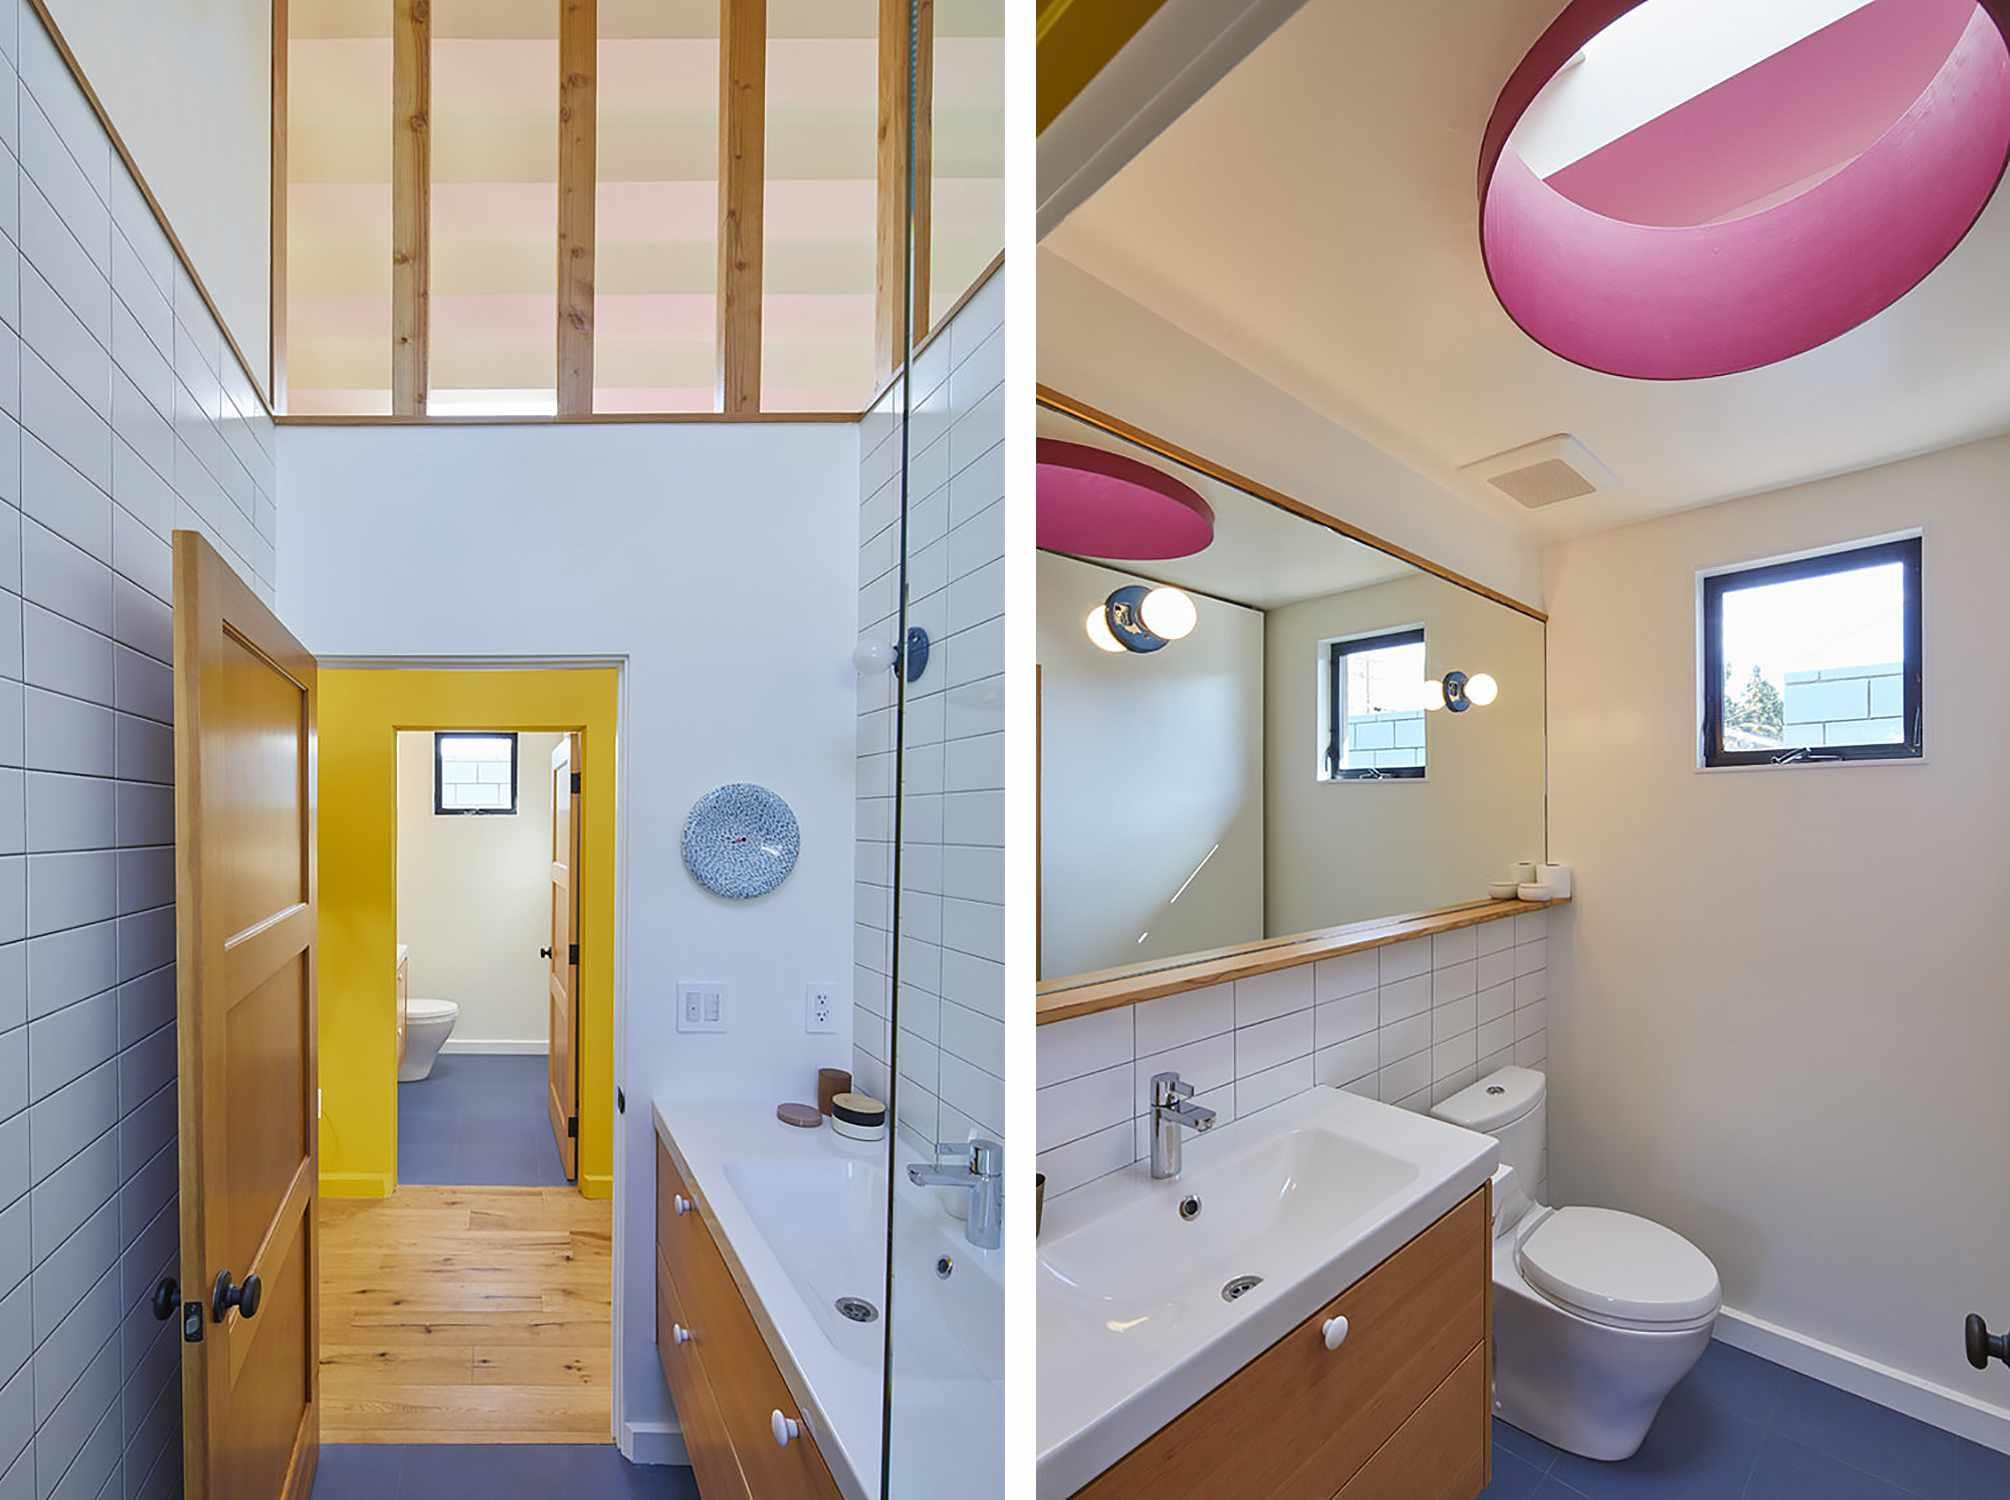 Highland Park ADU by Bunch Design washroom